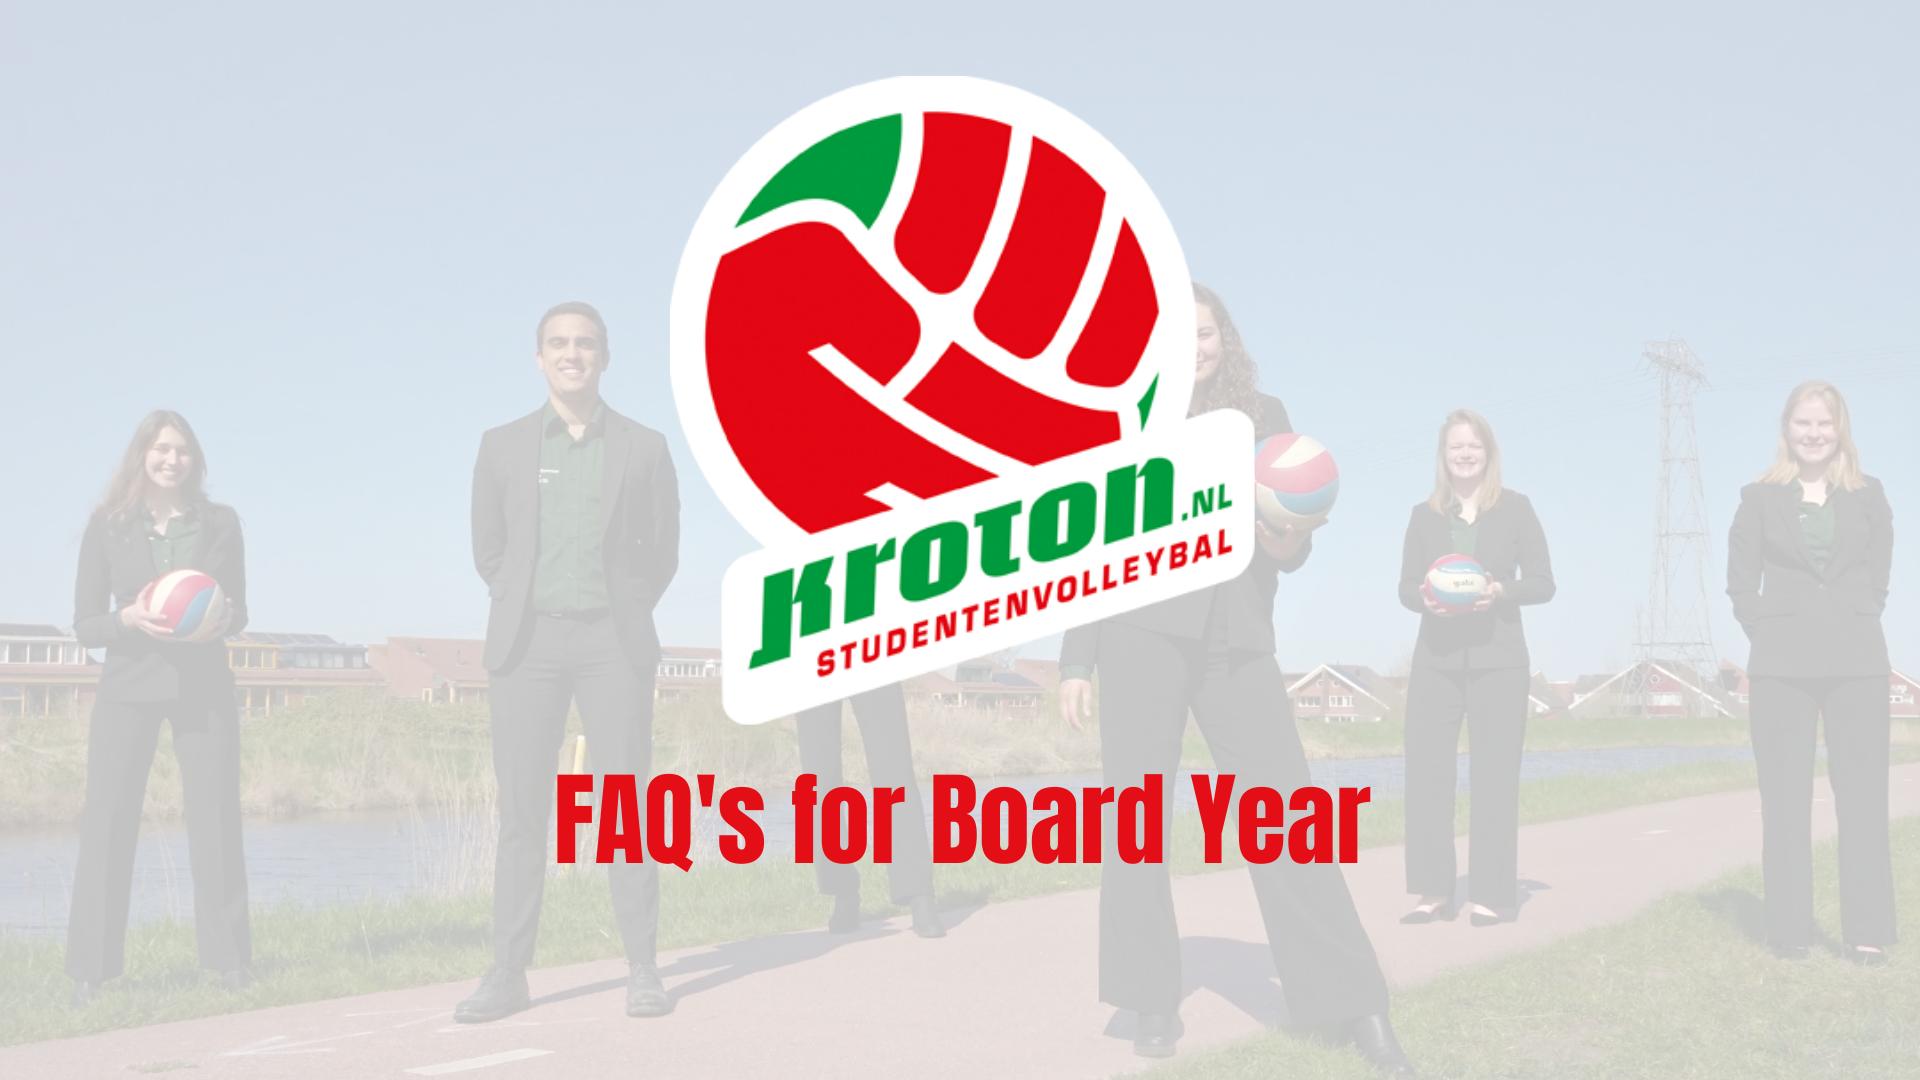 Board Year '21-'22 FAQ's